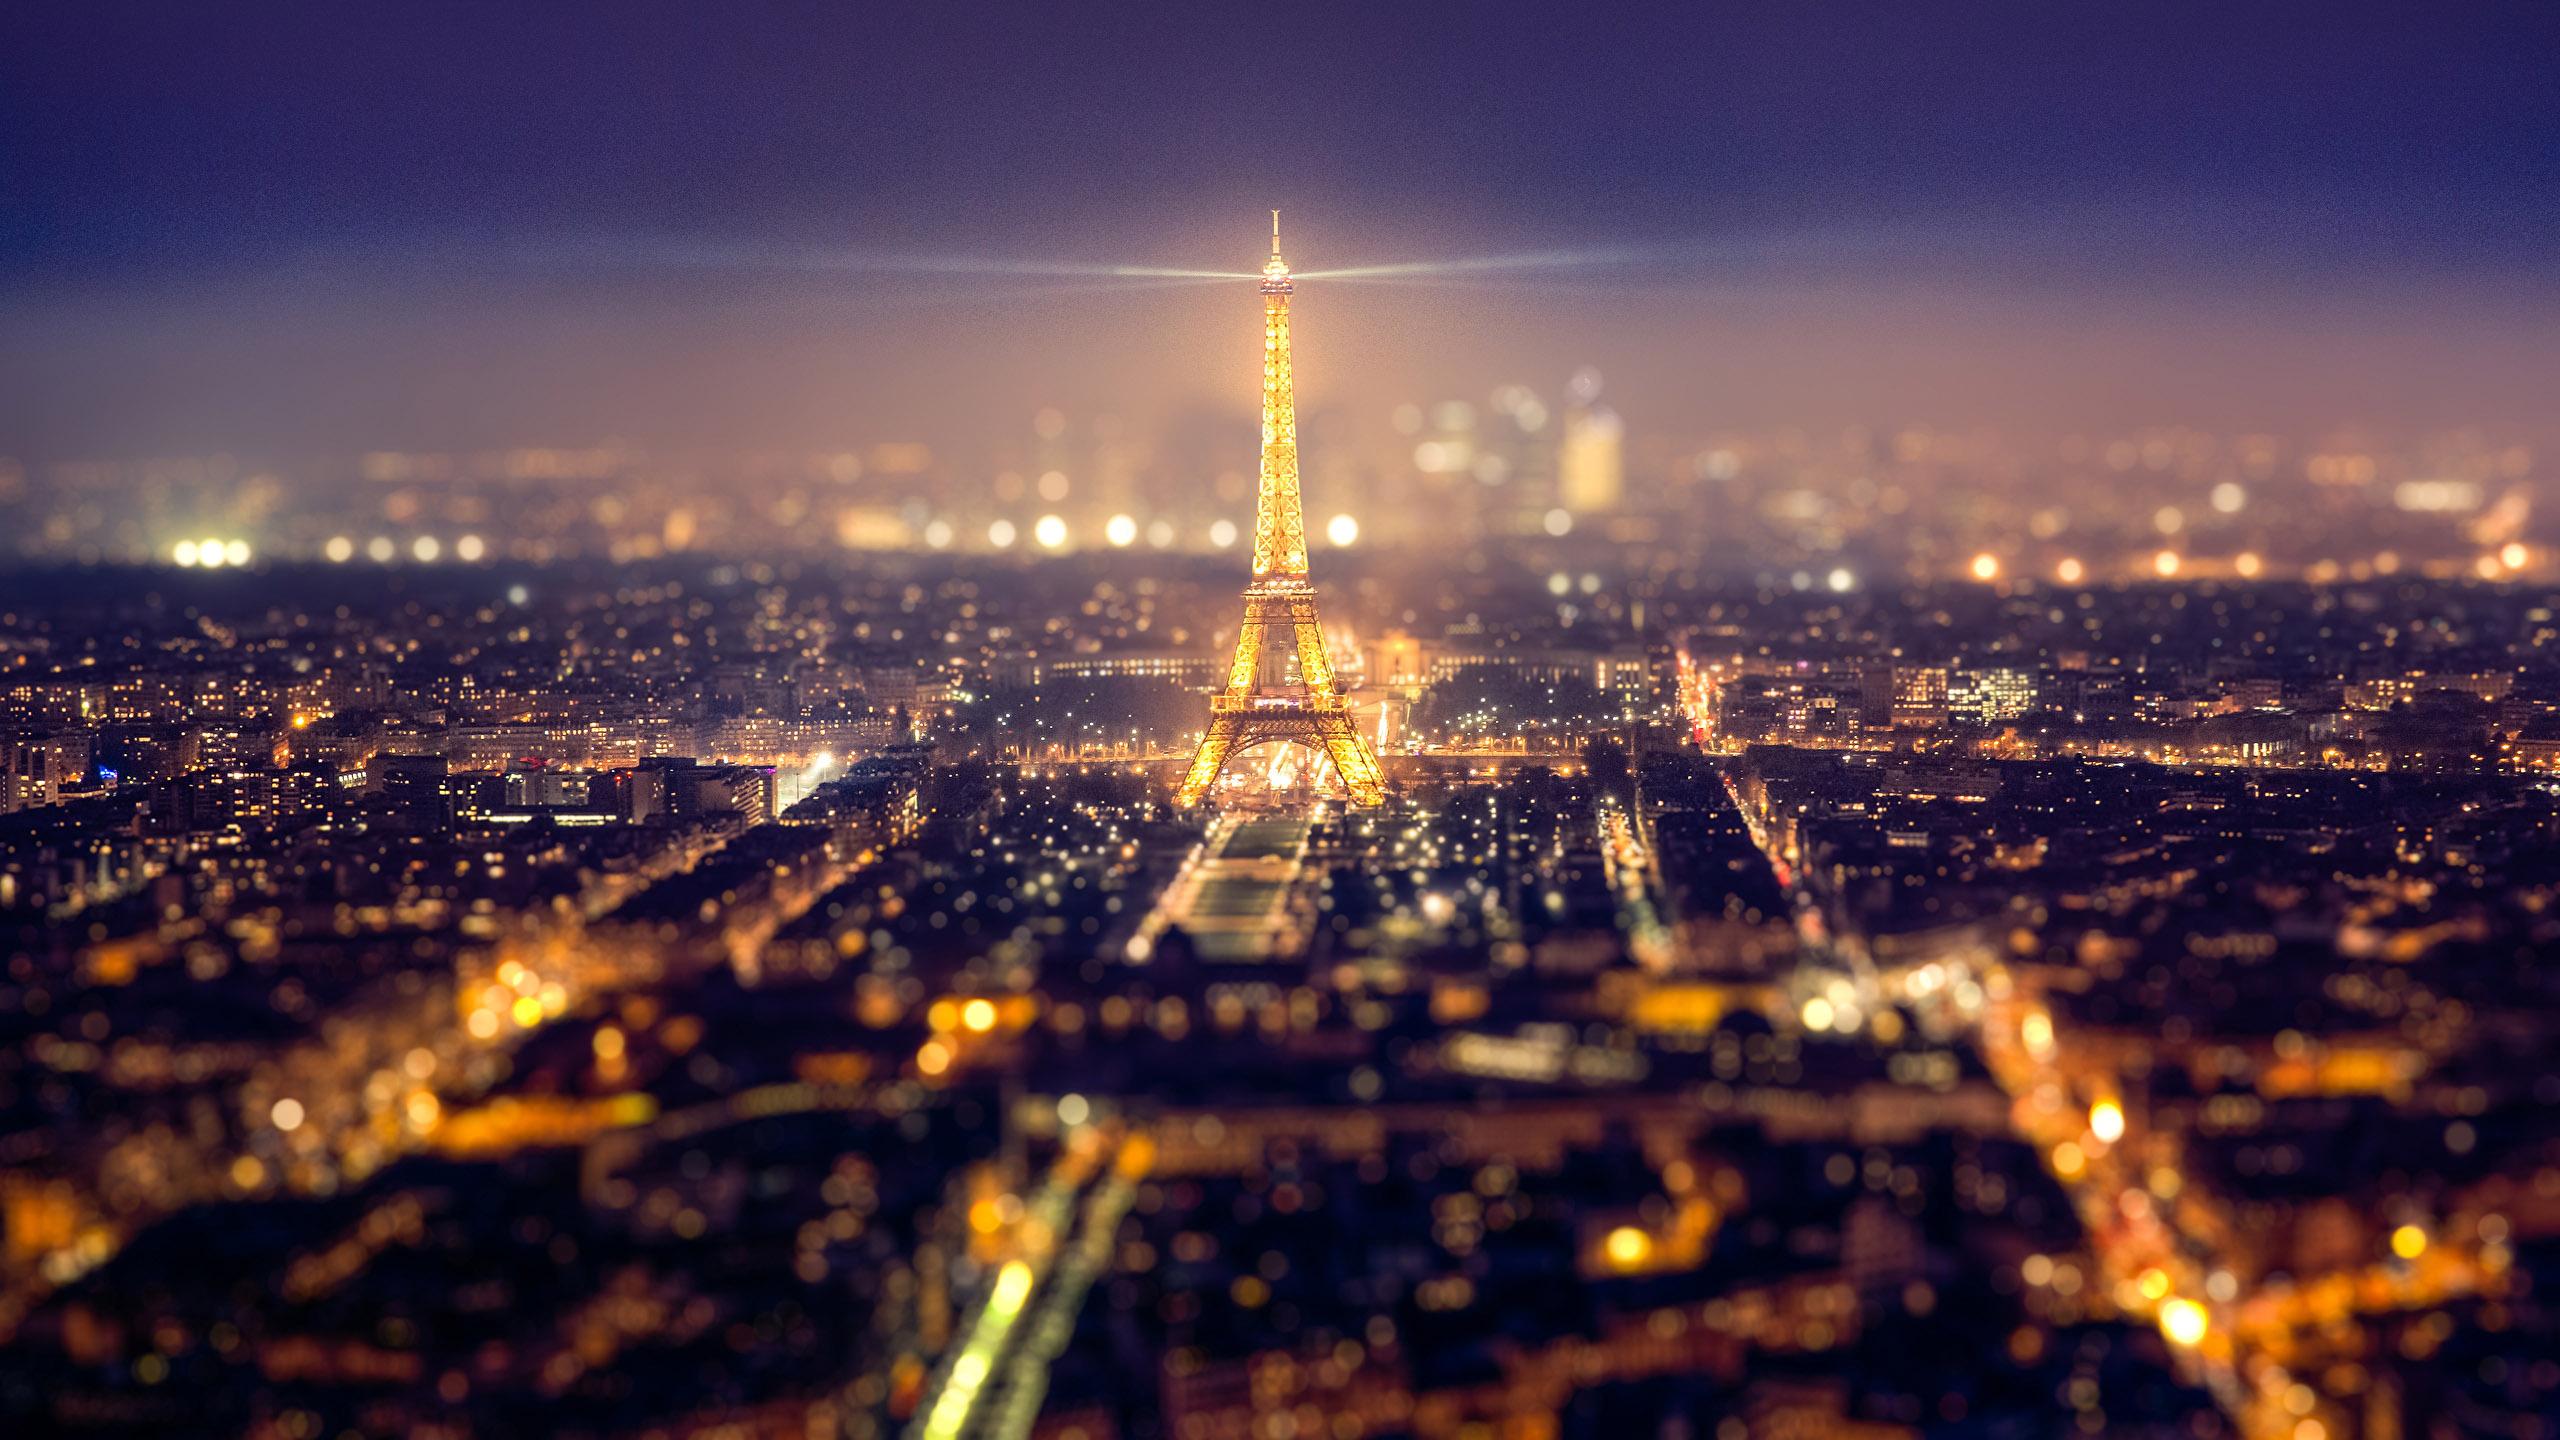 Эйфелева башня - очень красивые и удивительные картинки 8